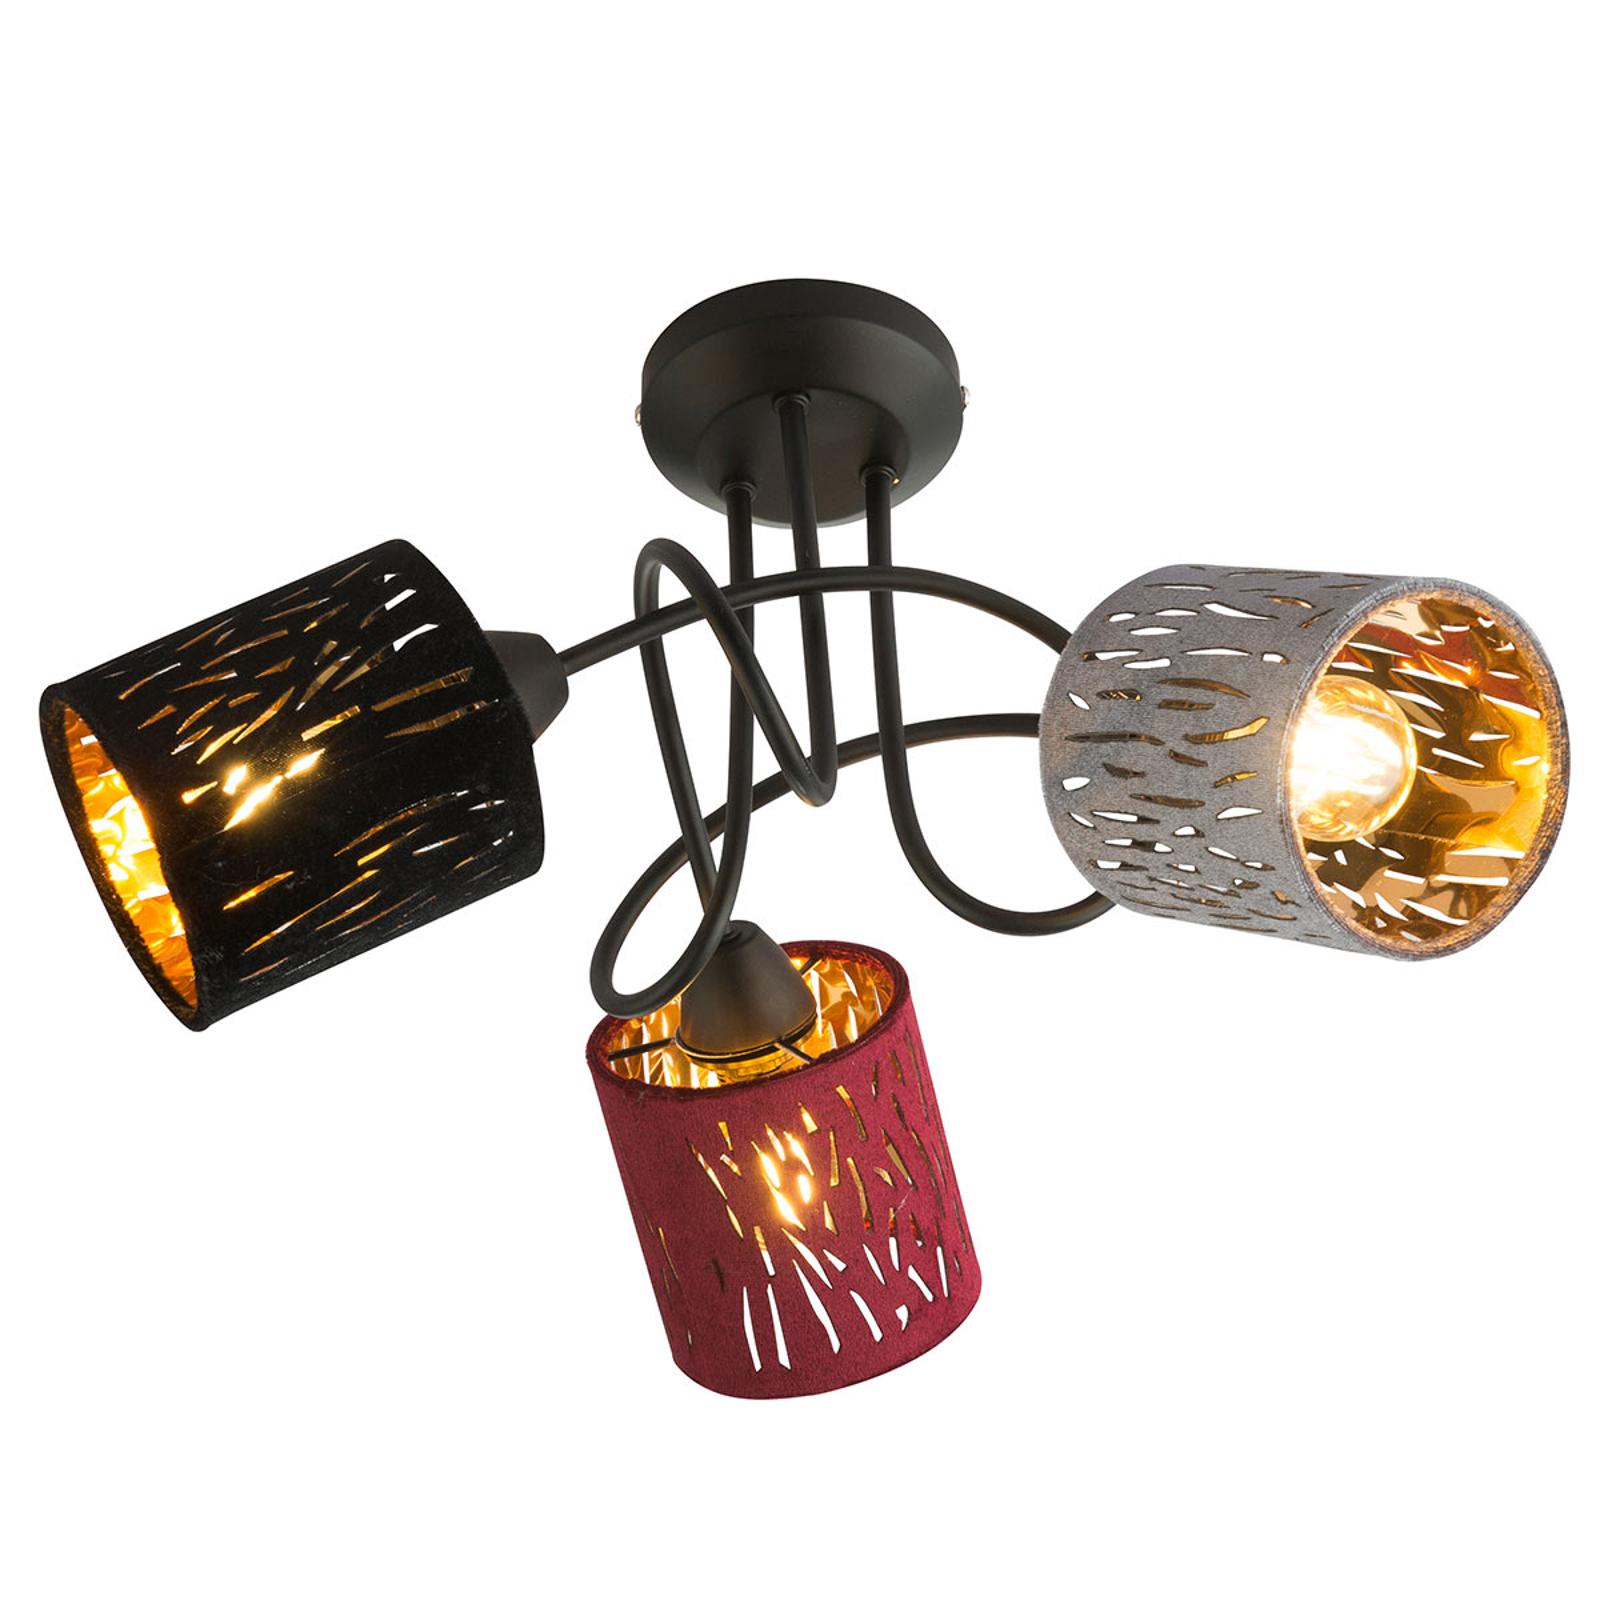 Lampa sufitowa Ticon z trzema kolorowymi kloszami